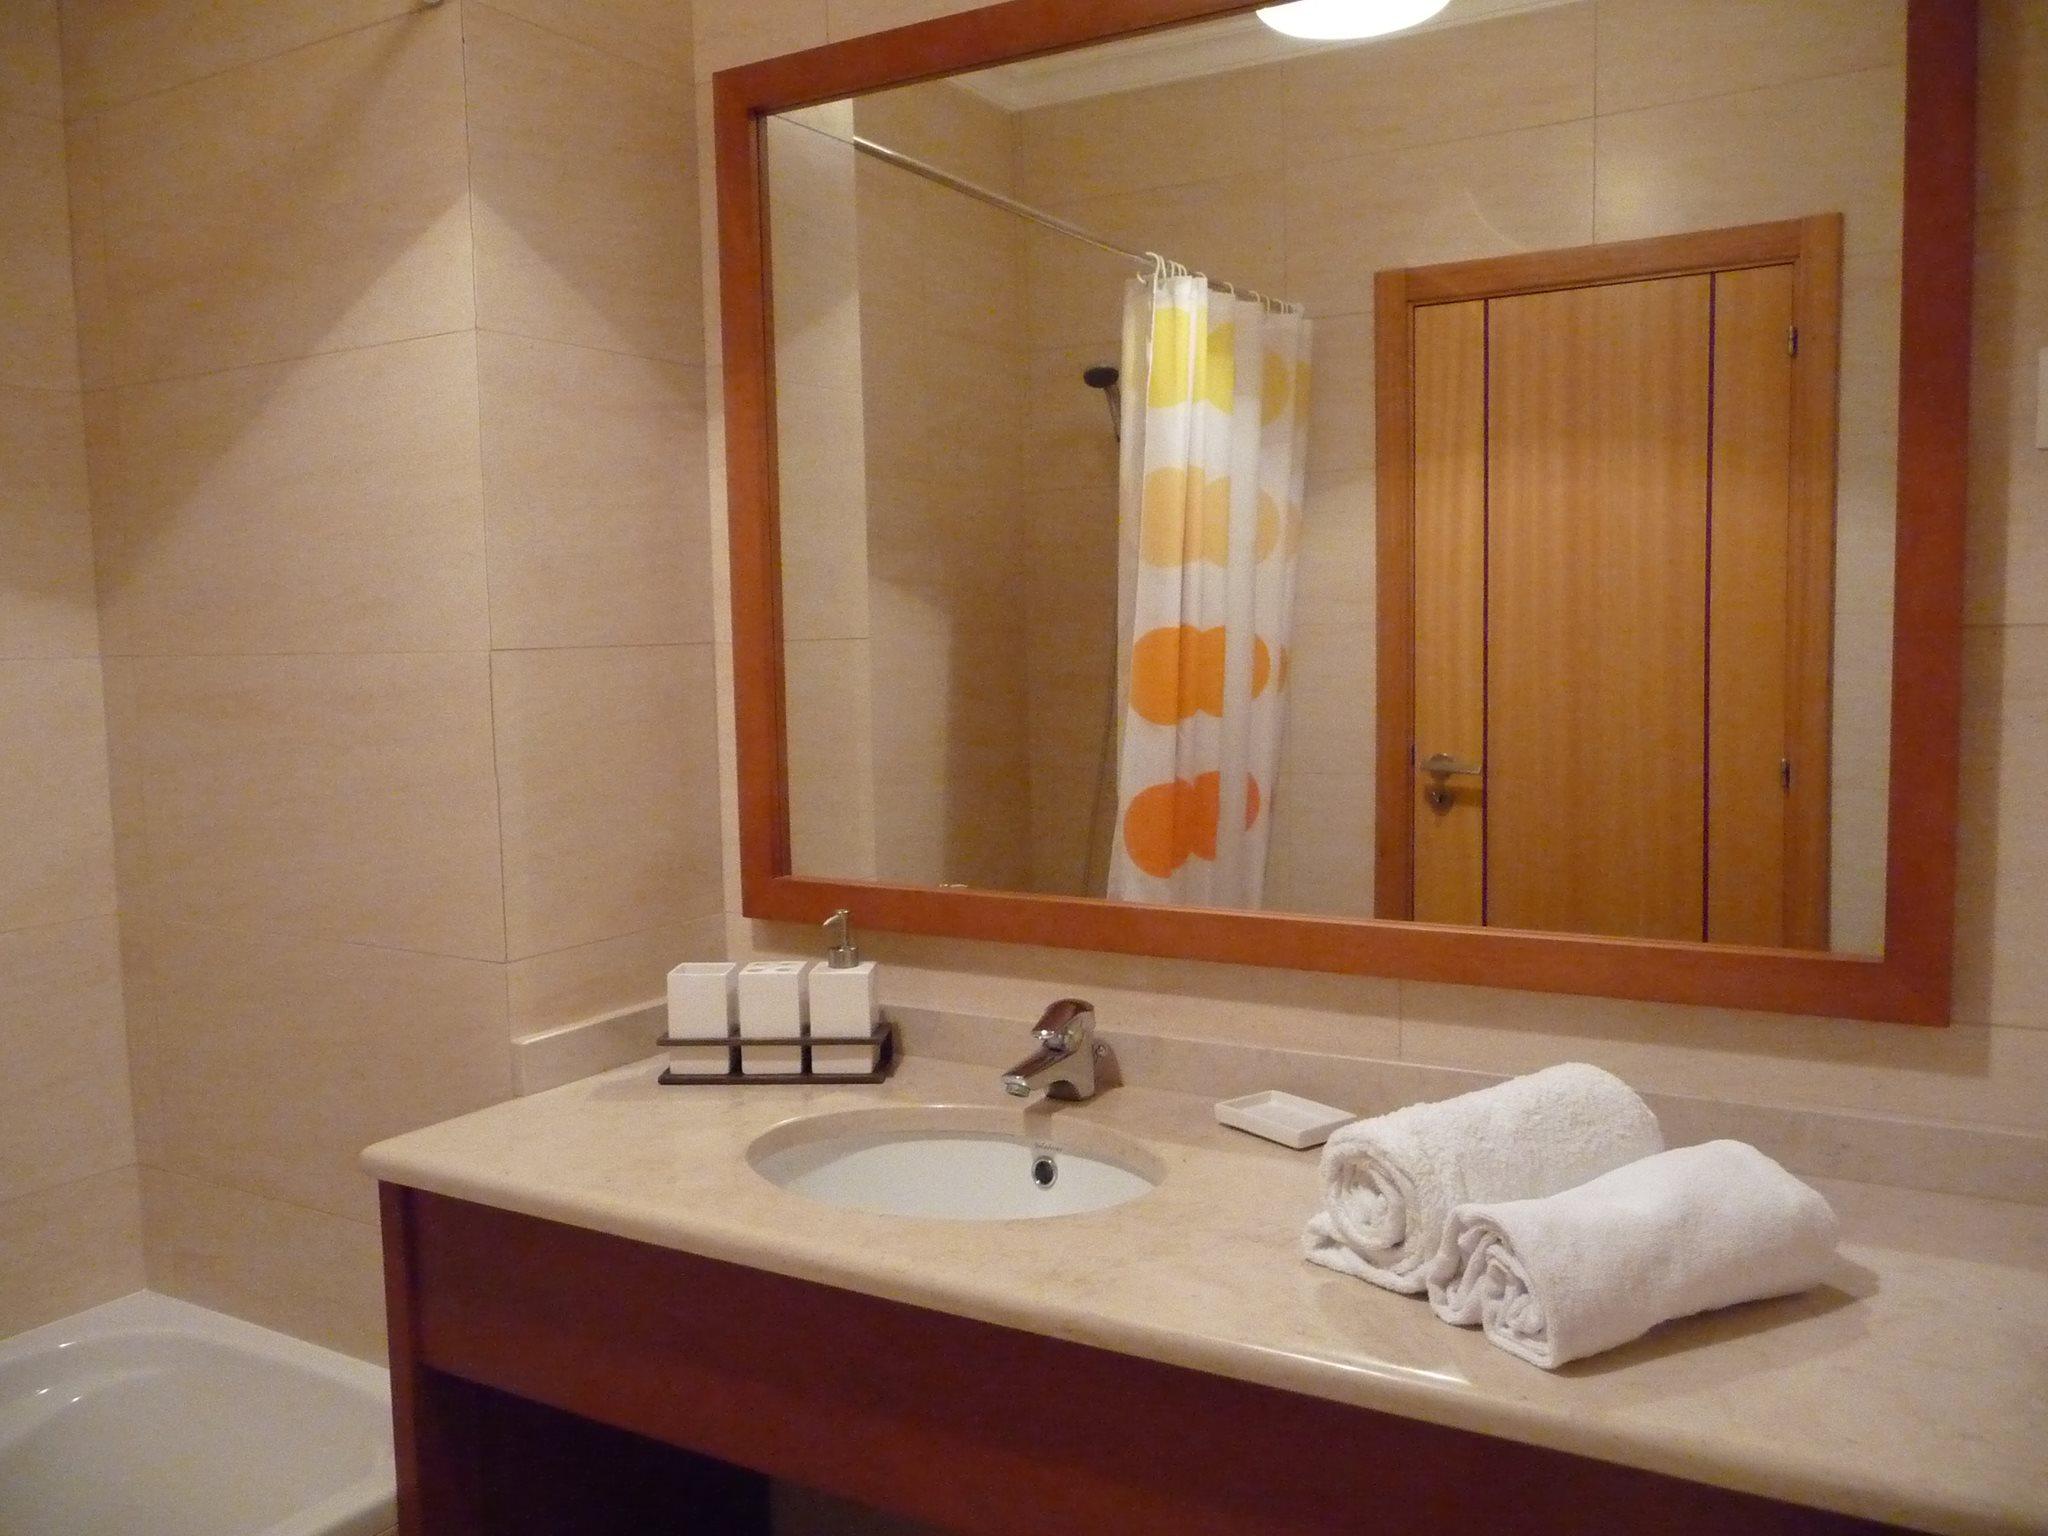 Location appartements et villas de vacance, ATLANTIDA Excellent Appartement à VILAMOURA à Vilamoura, Portugal Algarve, REF_IMG_648_720